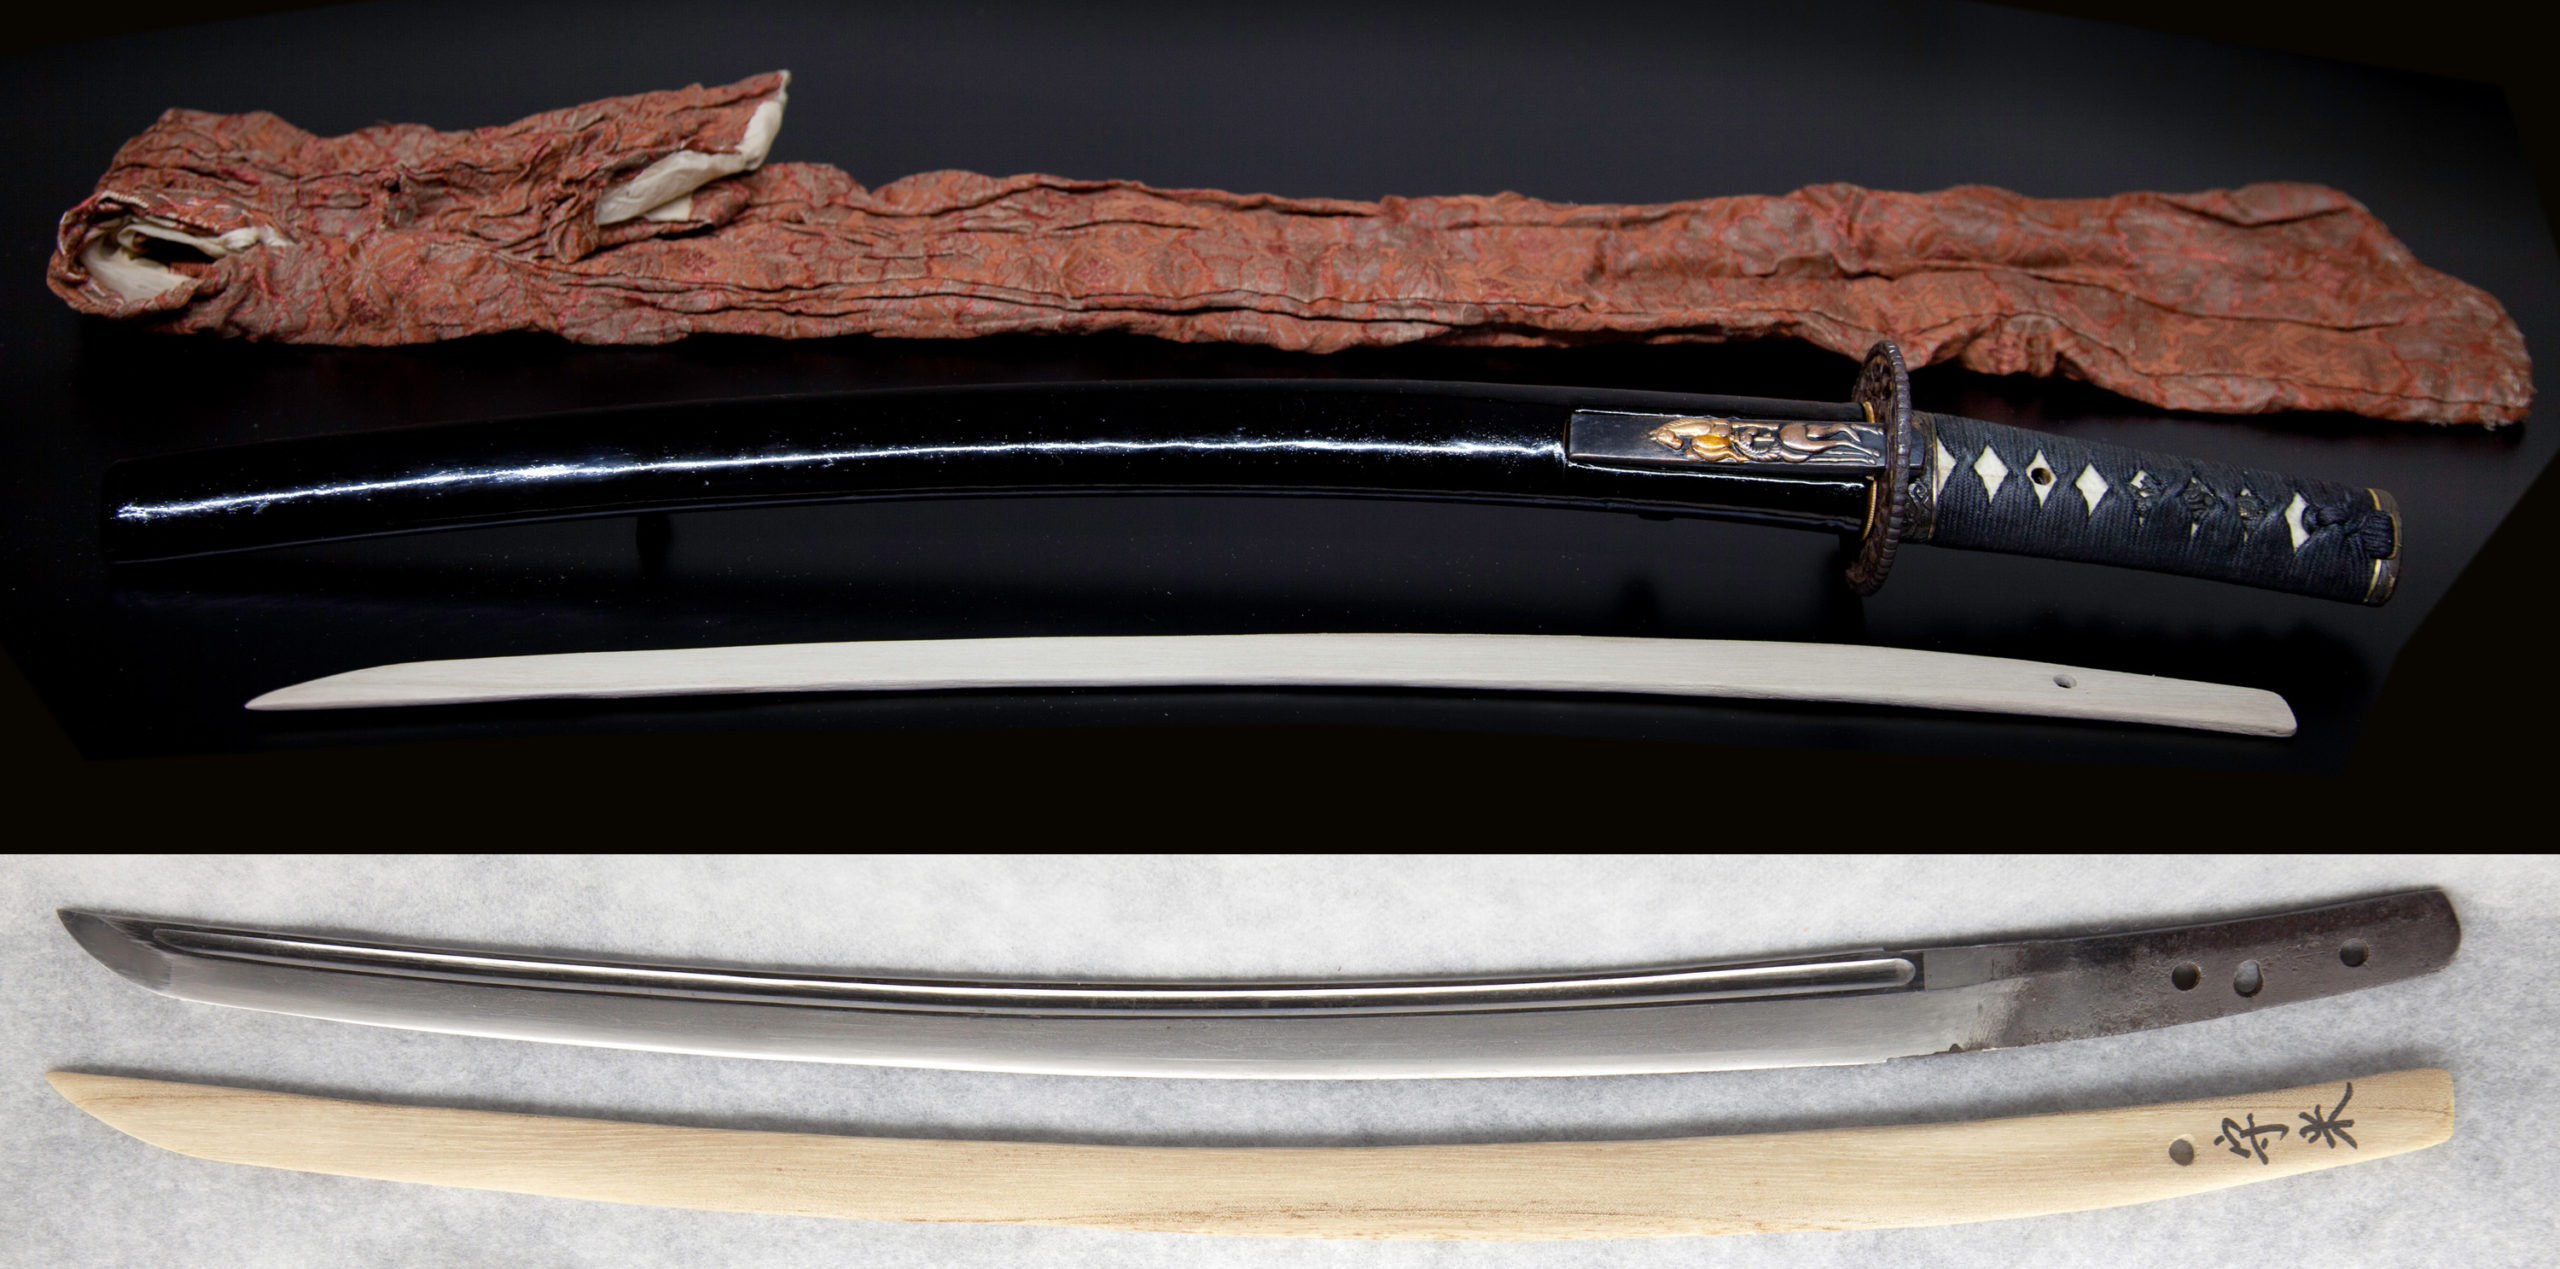 「越前来」とも呼称され初代は来国安の門人で千代鶴国安として南北朝時代に活躍した刀工の祖であり、以後この派は室町時代初期にかけて作刀しています。本振りは大永(約500年前)1521年~1528年の頃の「千代鶴守米」です。「千代鶴」+「お米」縁起の良い事この上ないです。